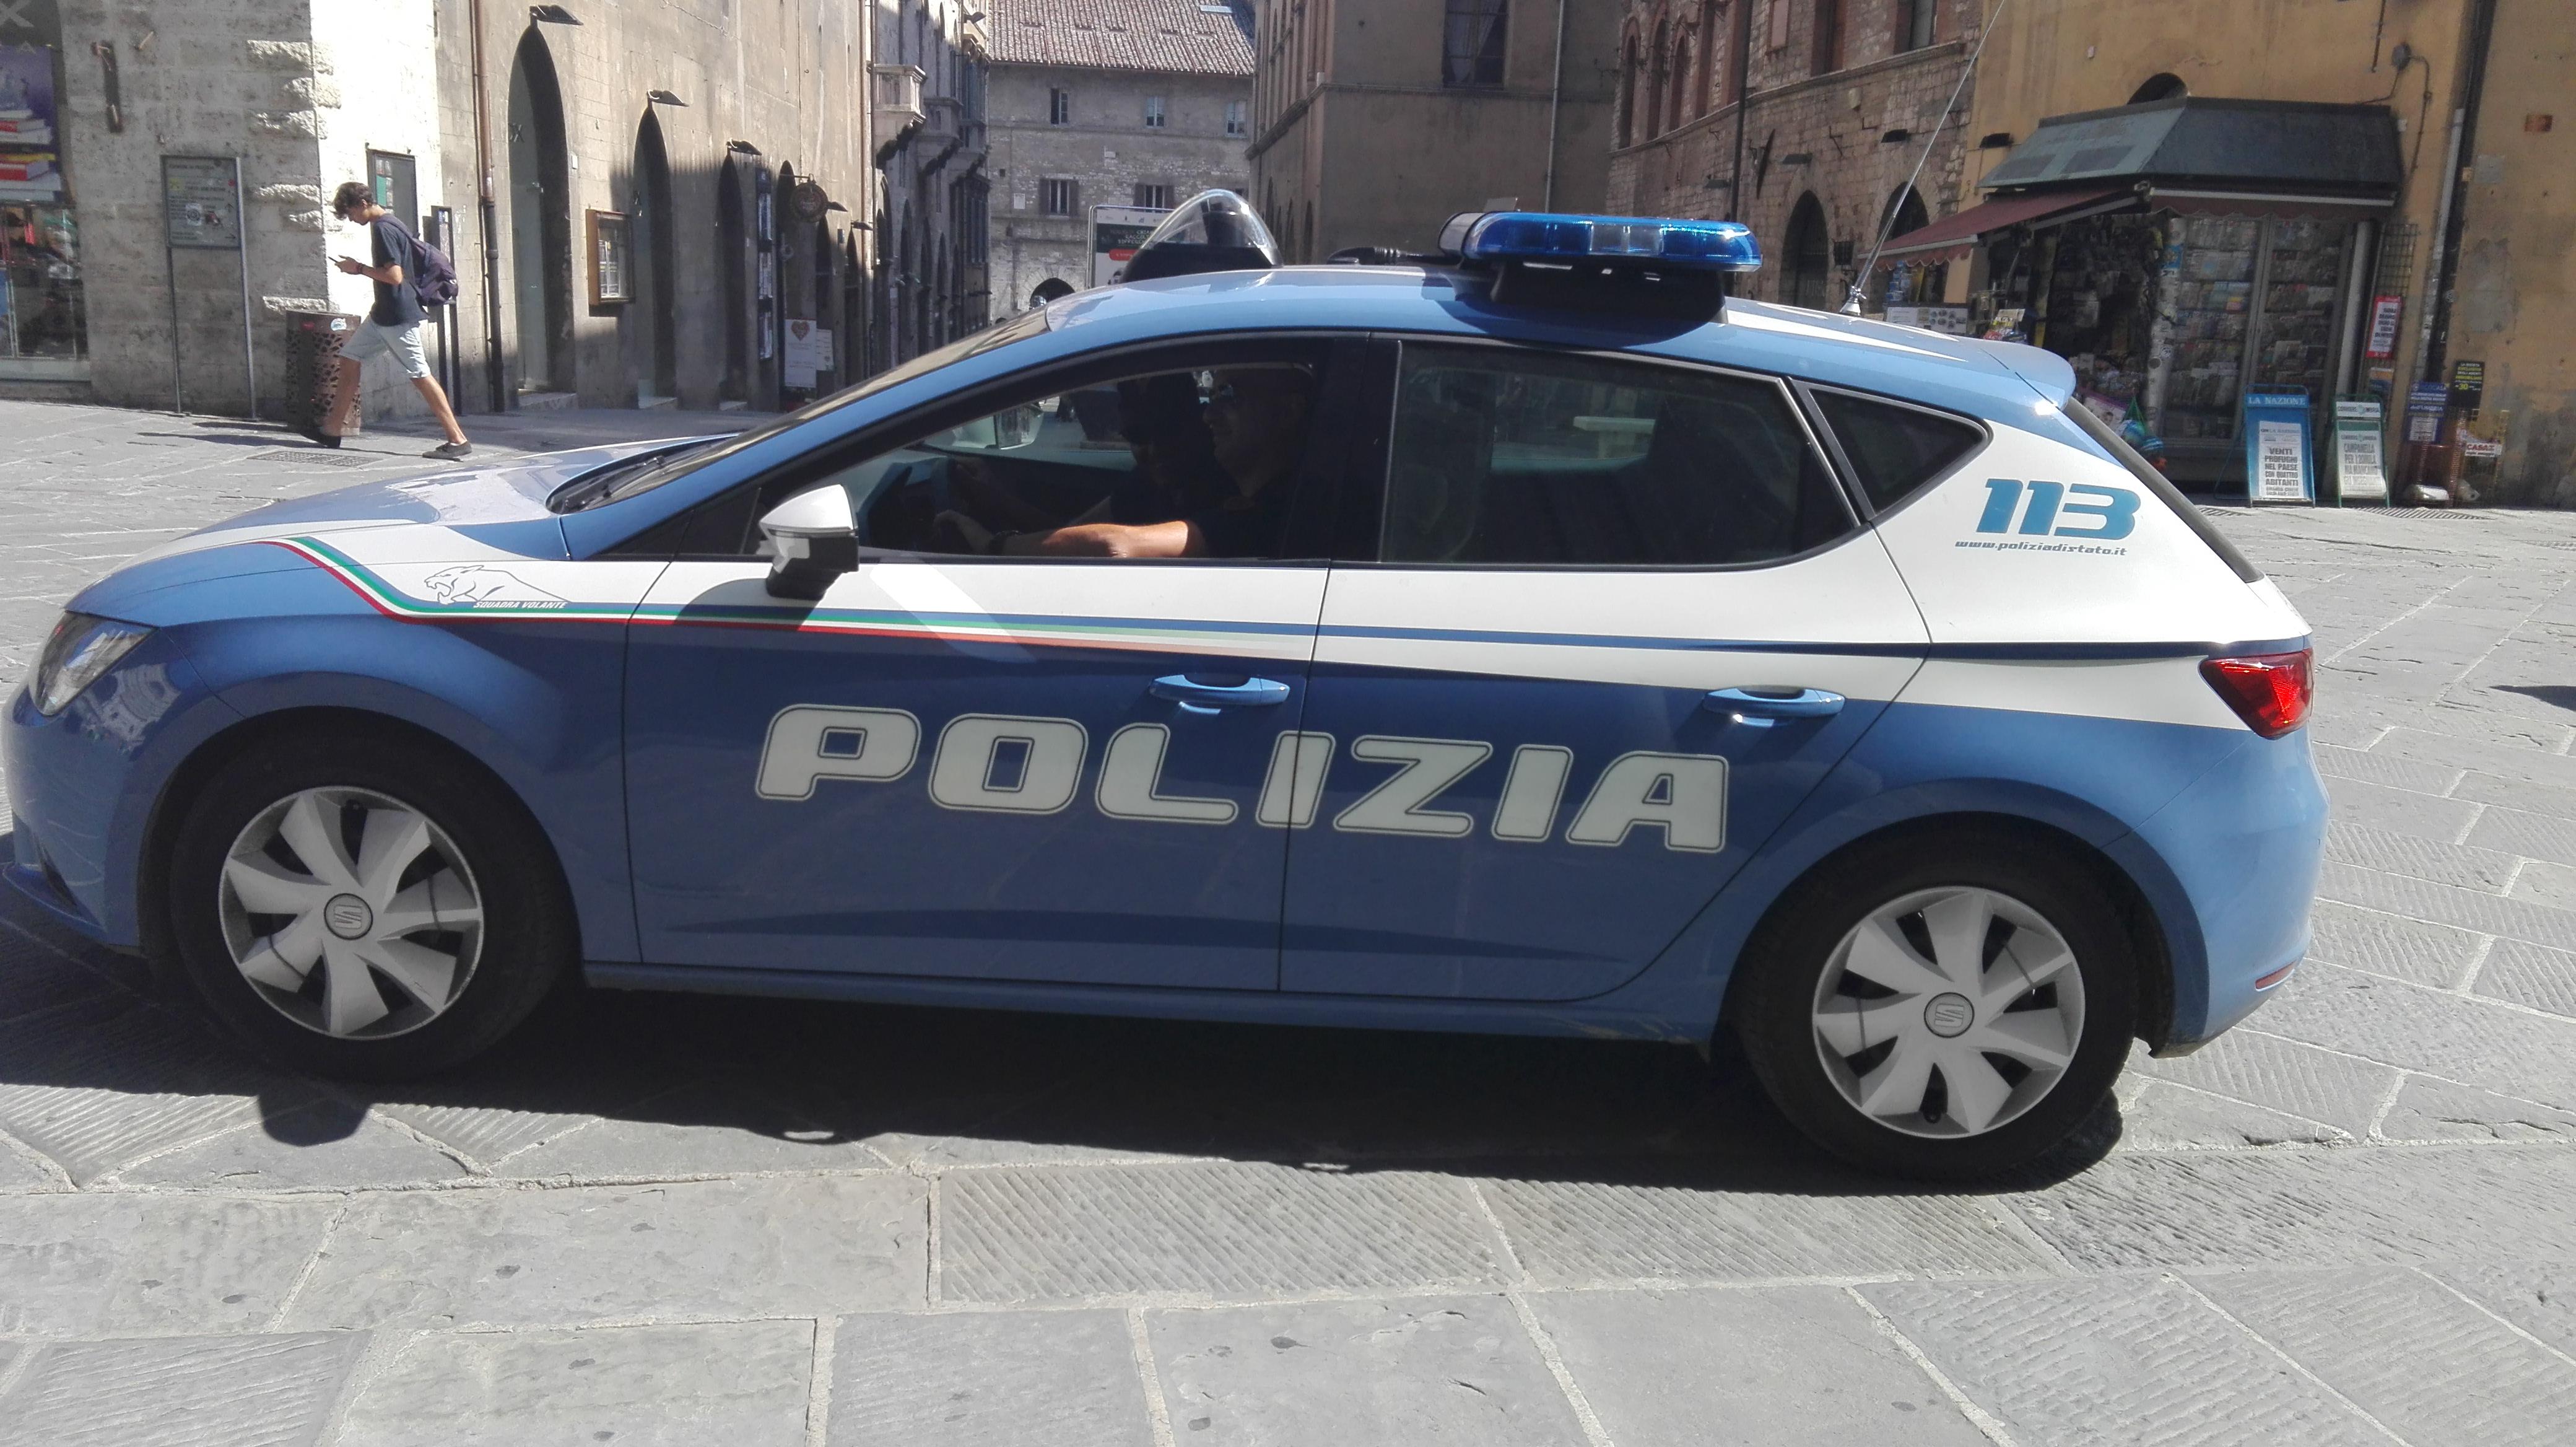 Polizia di stato questure sul web perugia for Polizia di stato torino permesso di soggiorno